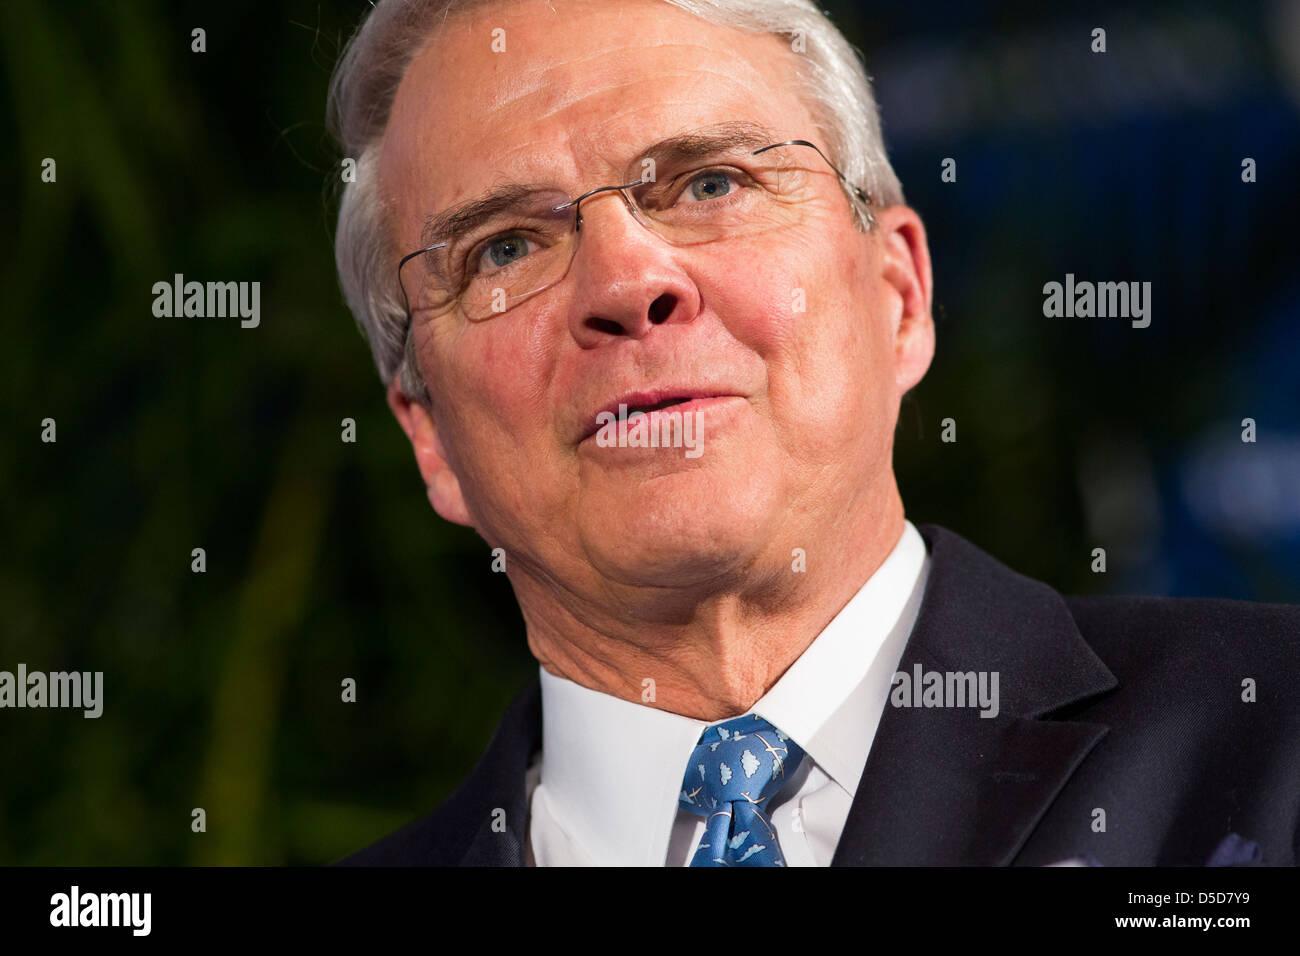 T. ALLAN McArtor, Président d'Airbus Americas. Banque D'Images